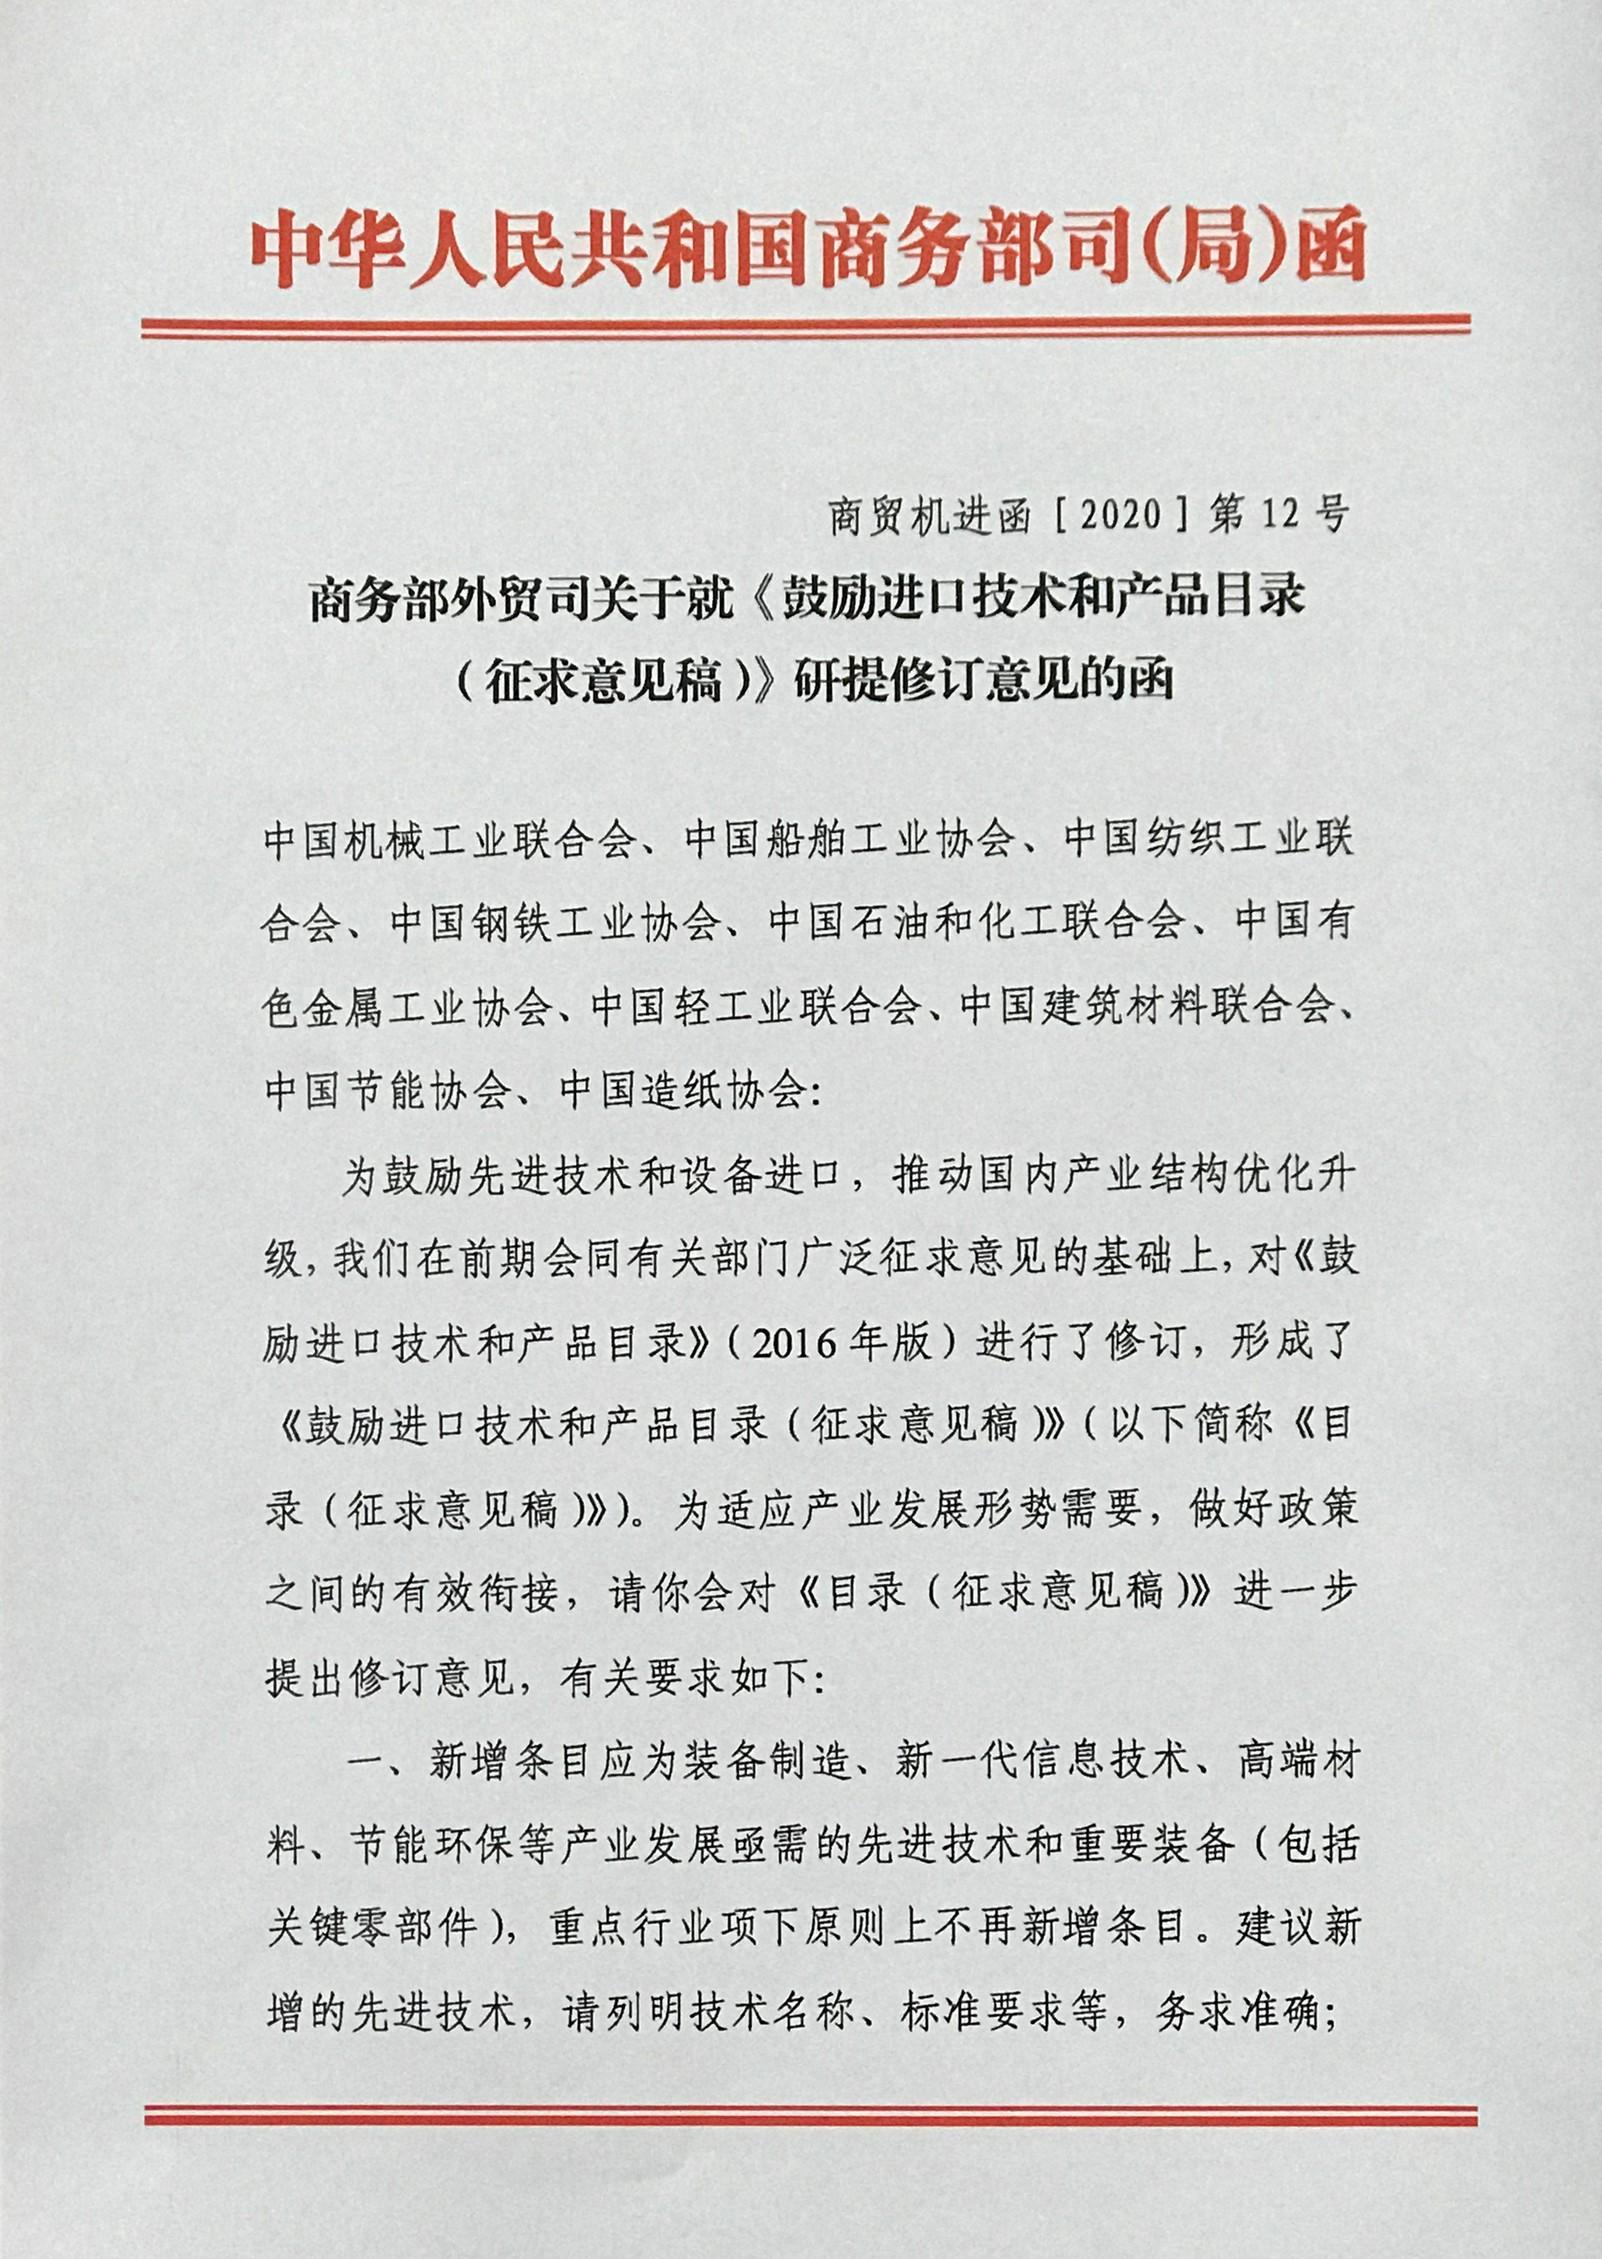 商务部关于修订《鼓励进口技术和产品目录》征求意见(图1)